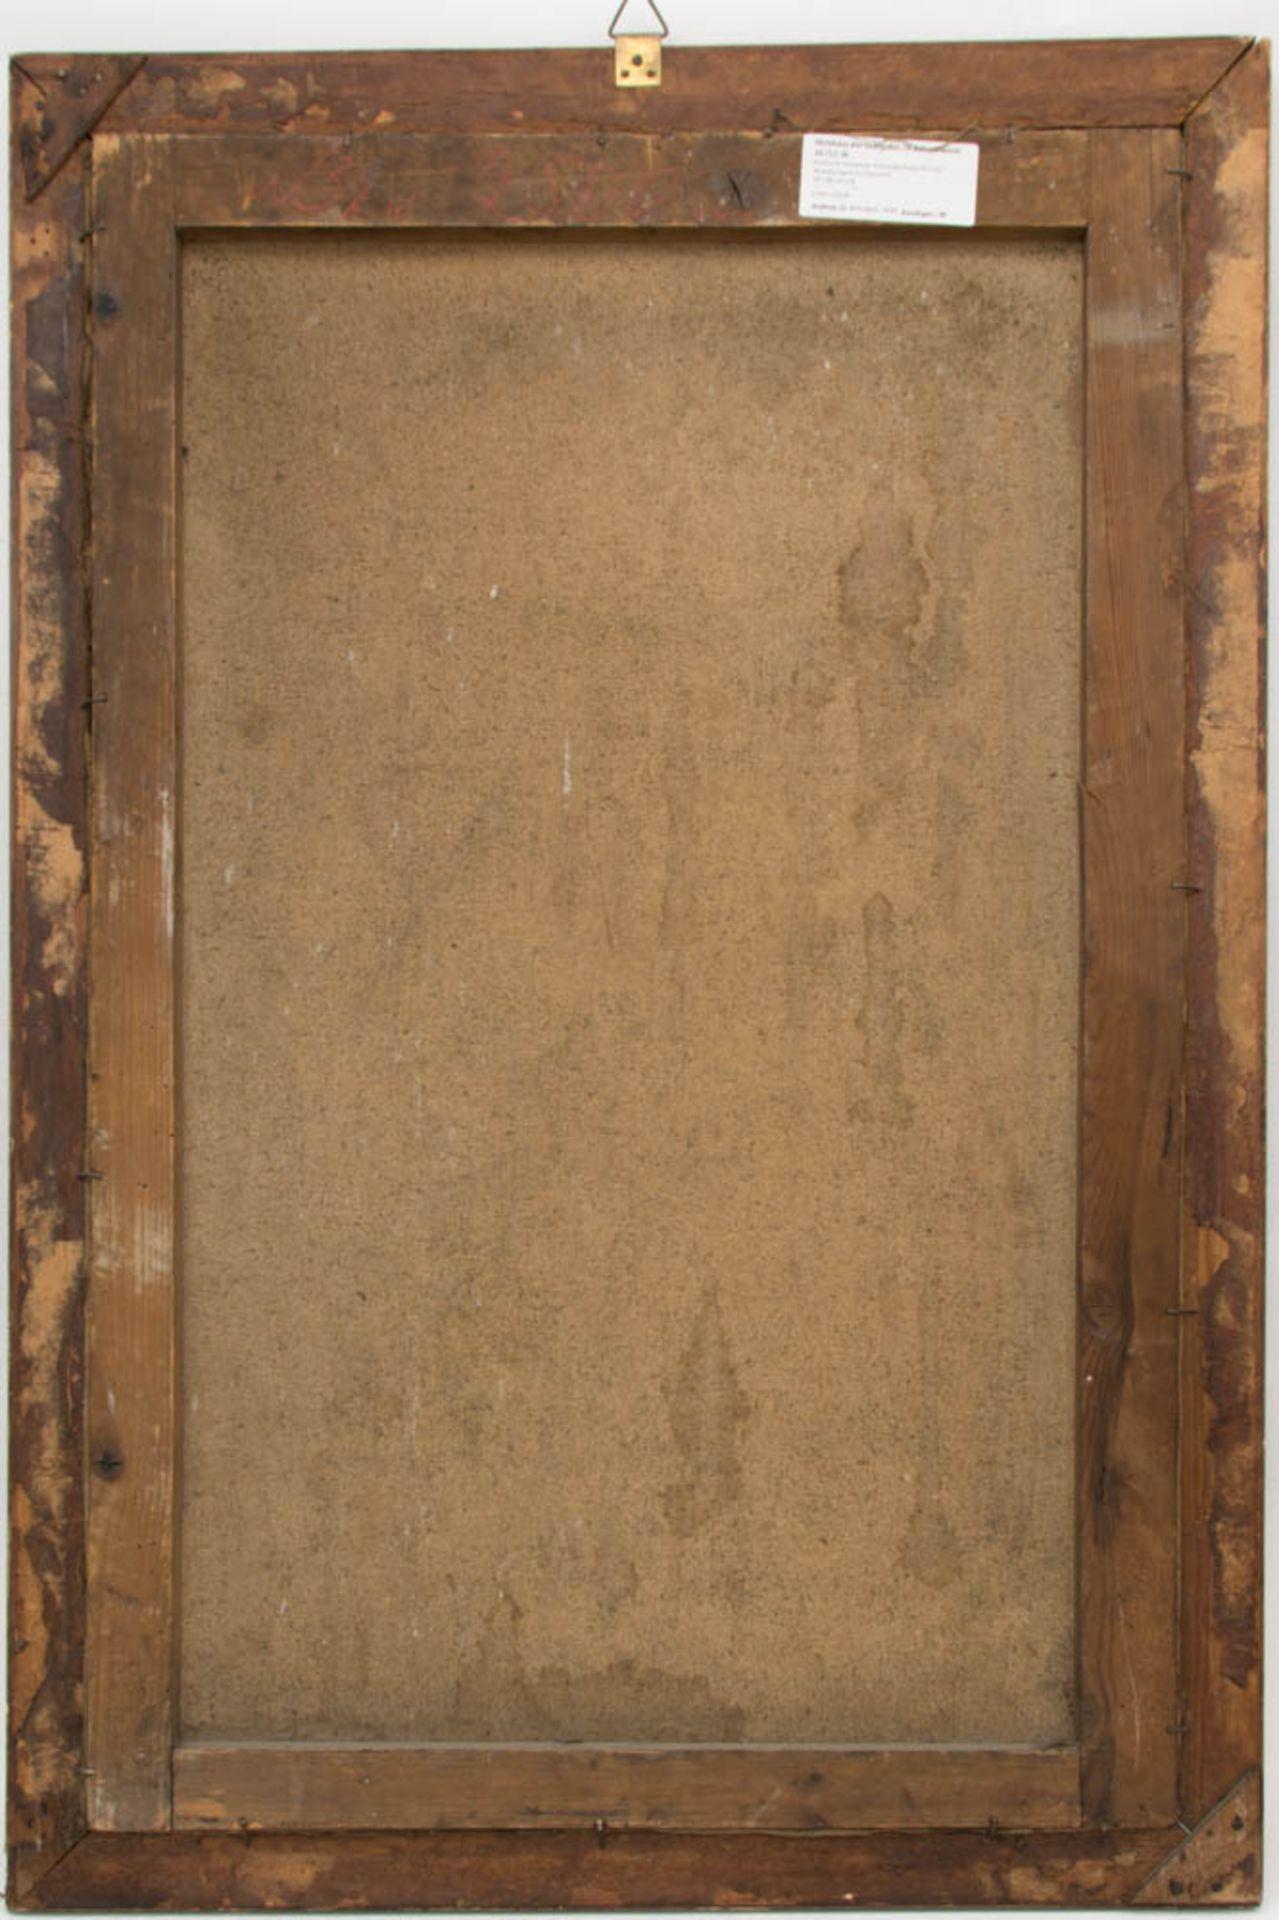 Matthäus der Evangelist, Öl auf Leinwand, 16. / 17. Jh.Dublierte Leinwand, Restaurat - Bild 5 aus 5